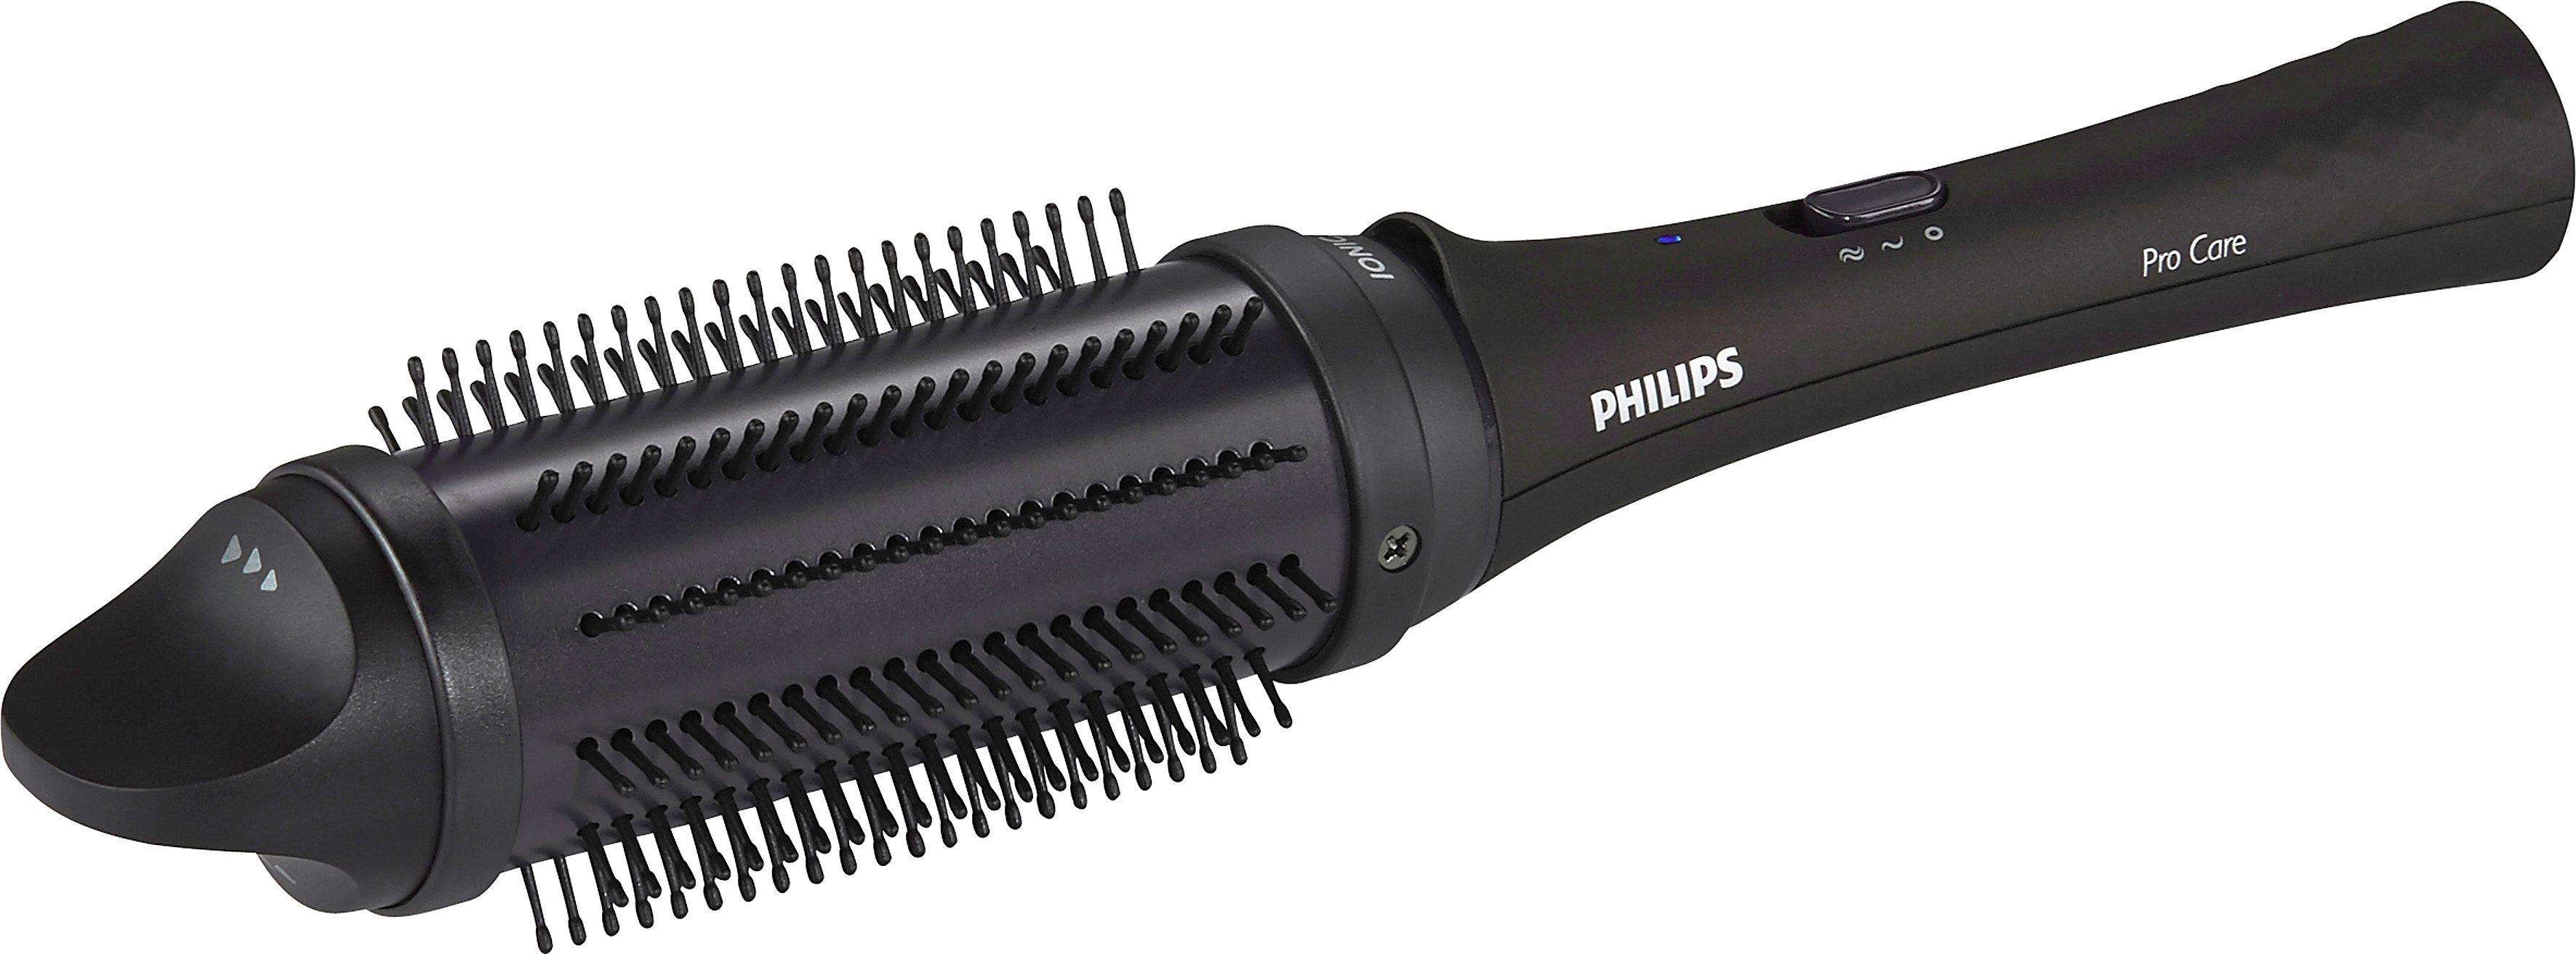 Philips Stylingbürste HP8634/00 ProCare, einziehbare Bürsten, lila/schwarz